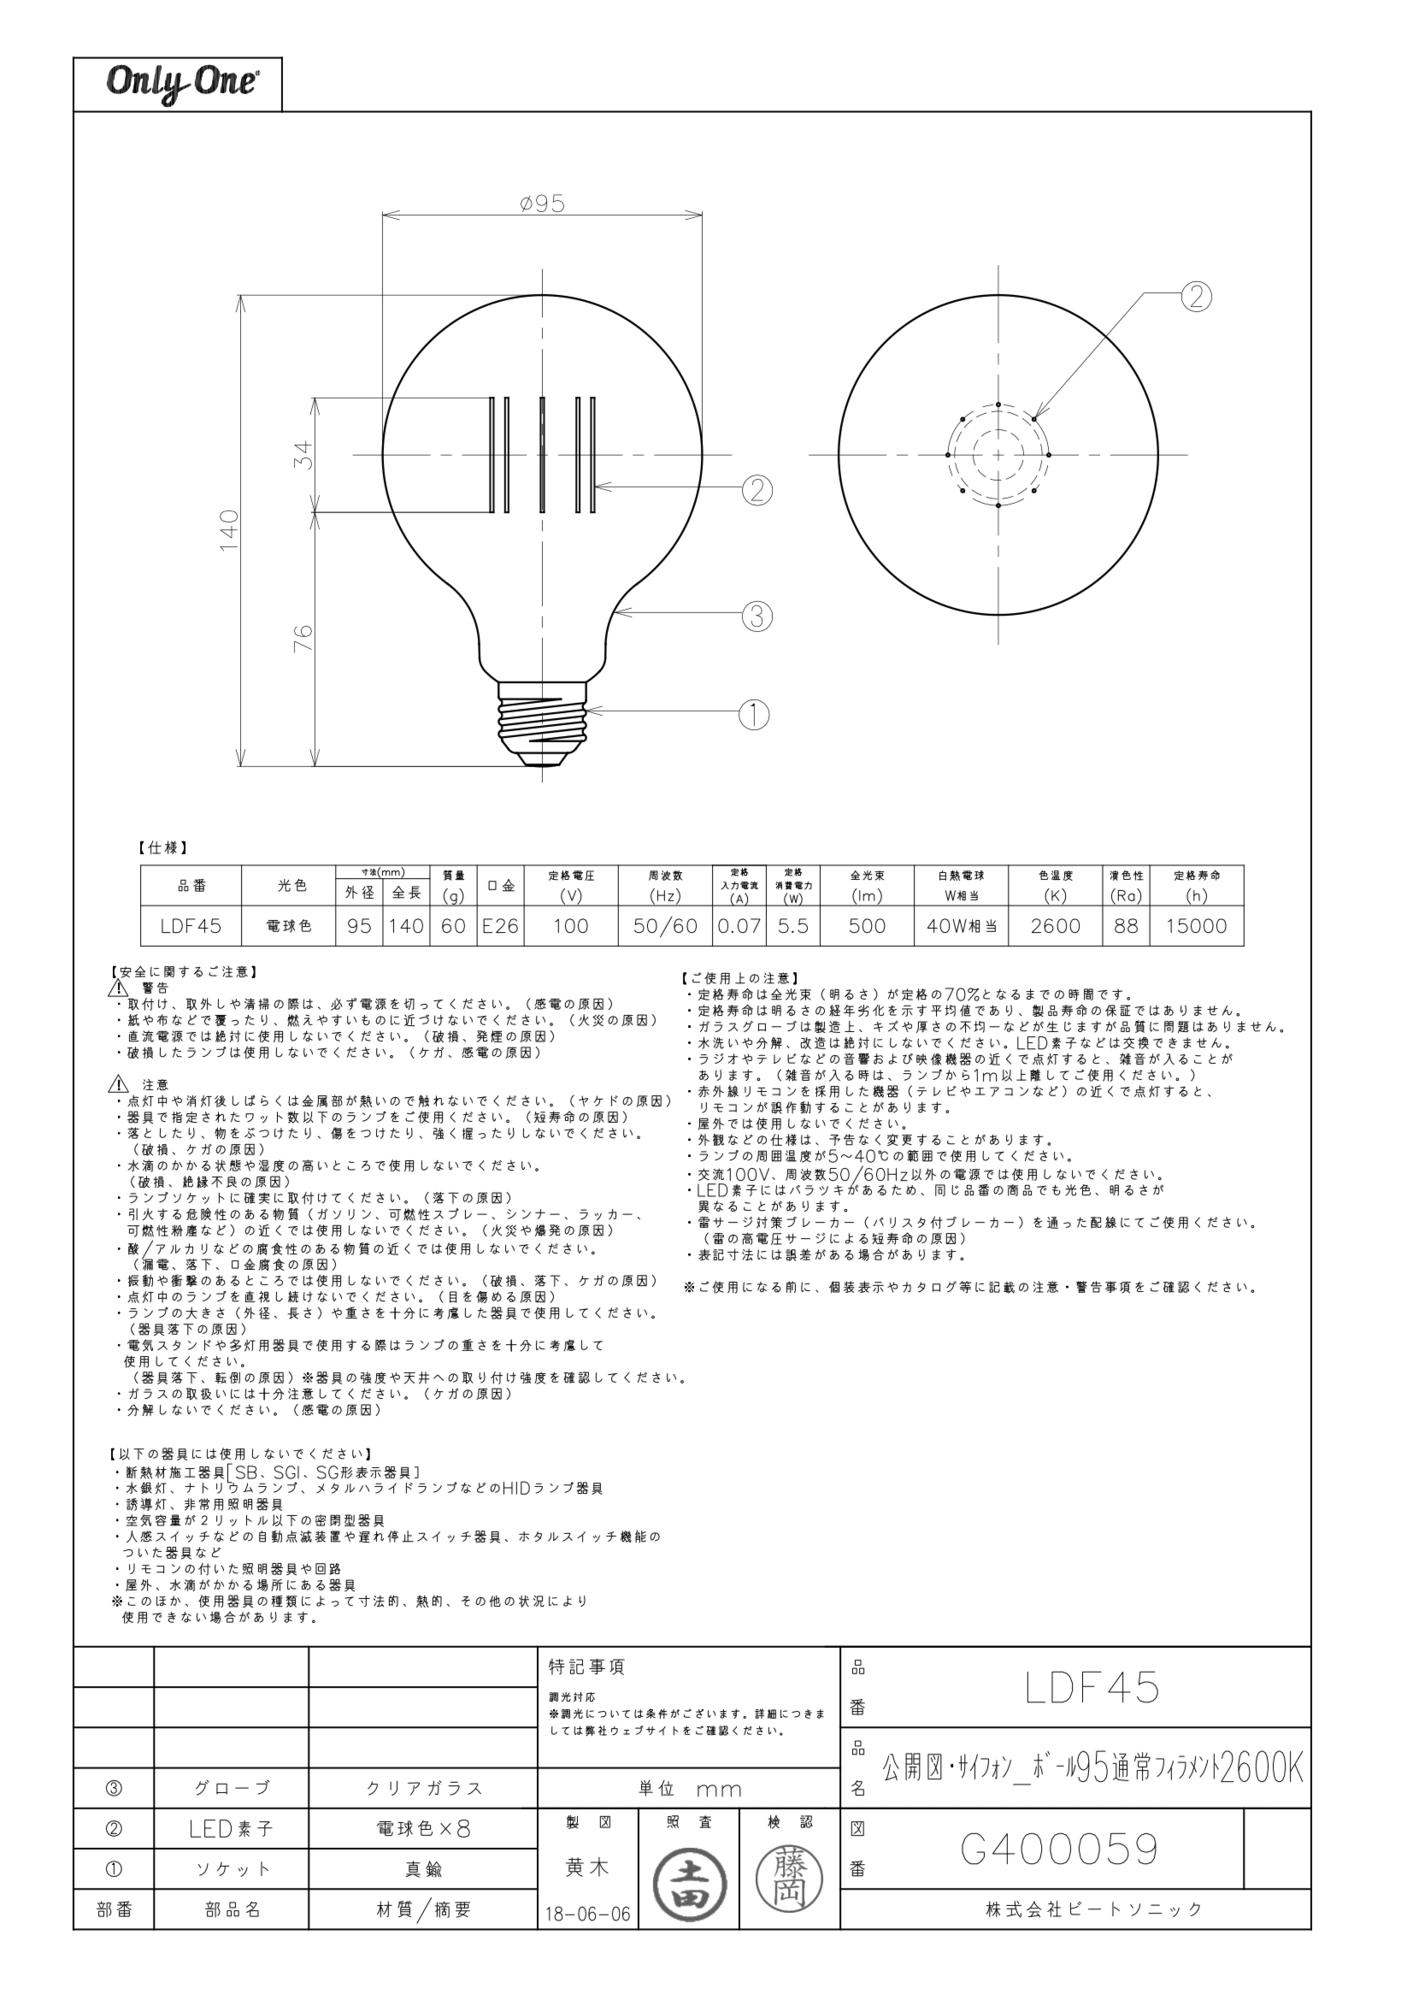 Middle d9b02dc161f5b4aa3899